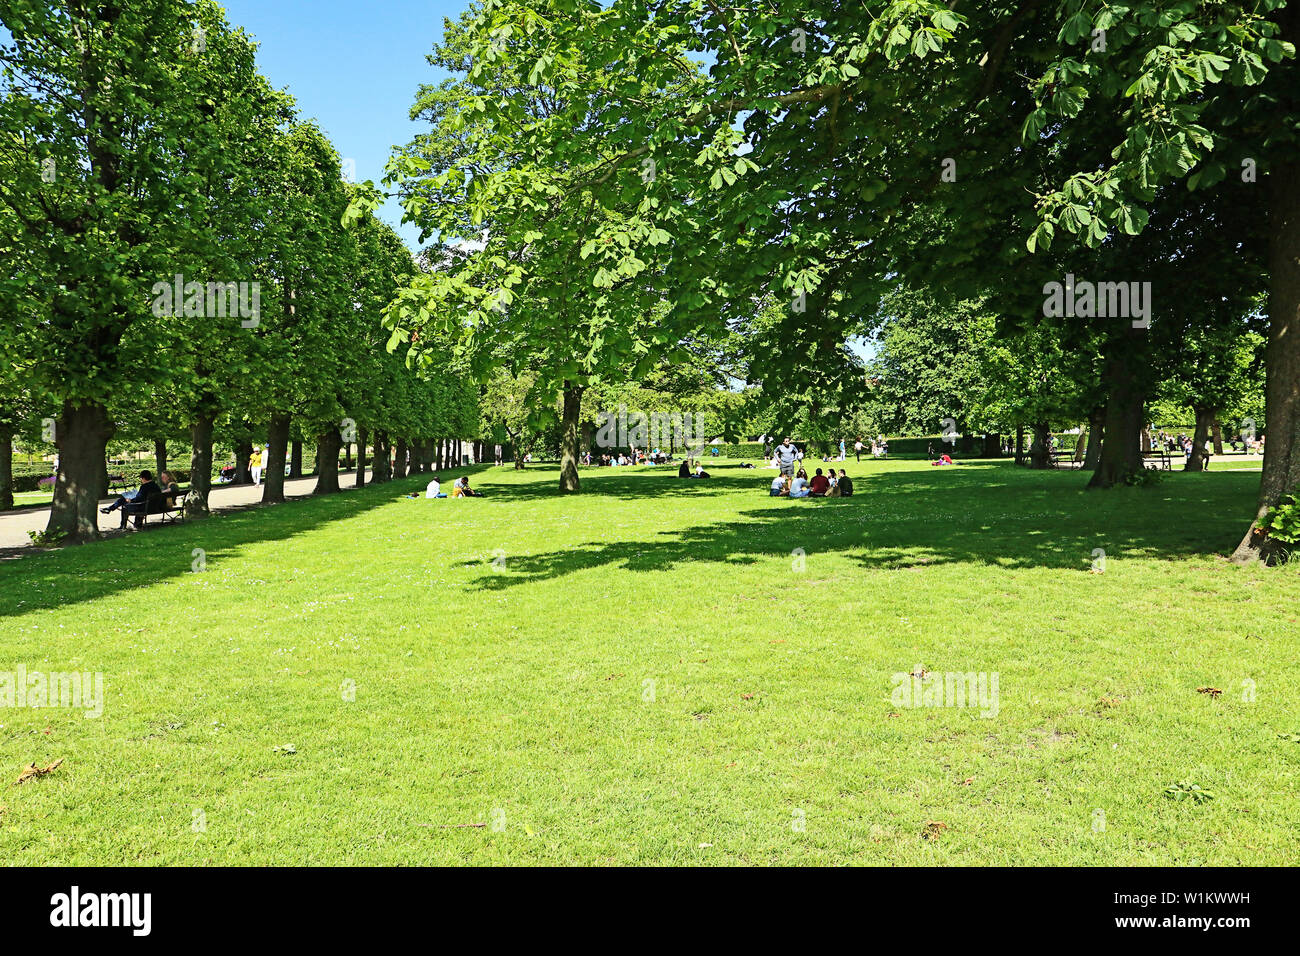 Très belle vue sur le jardin du roi près de Rosenborg Castle dans le centre de Copenhague - Danemark établi depuis début 17ème siècle. Les visiteurs apprécient Banque D'Images